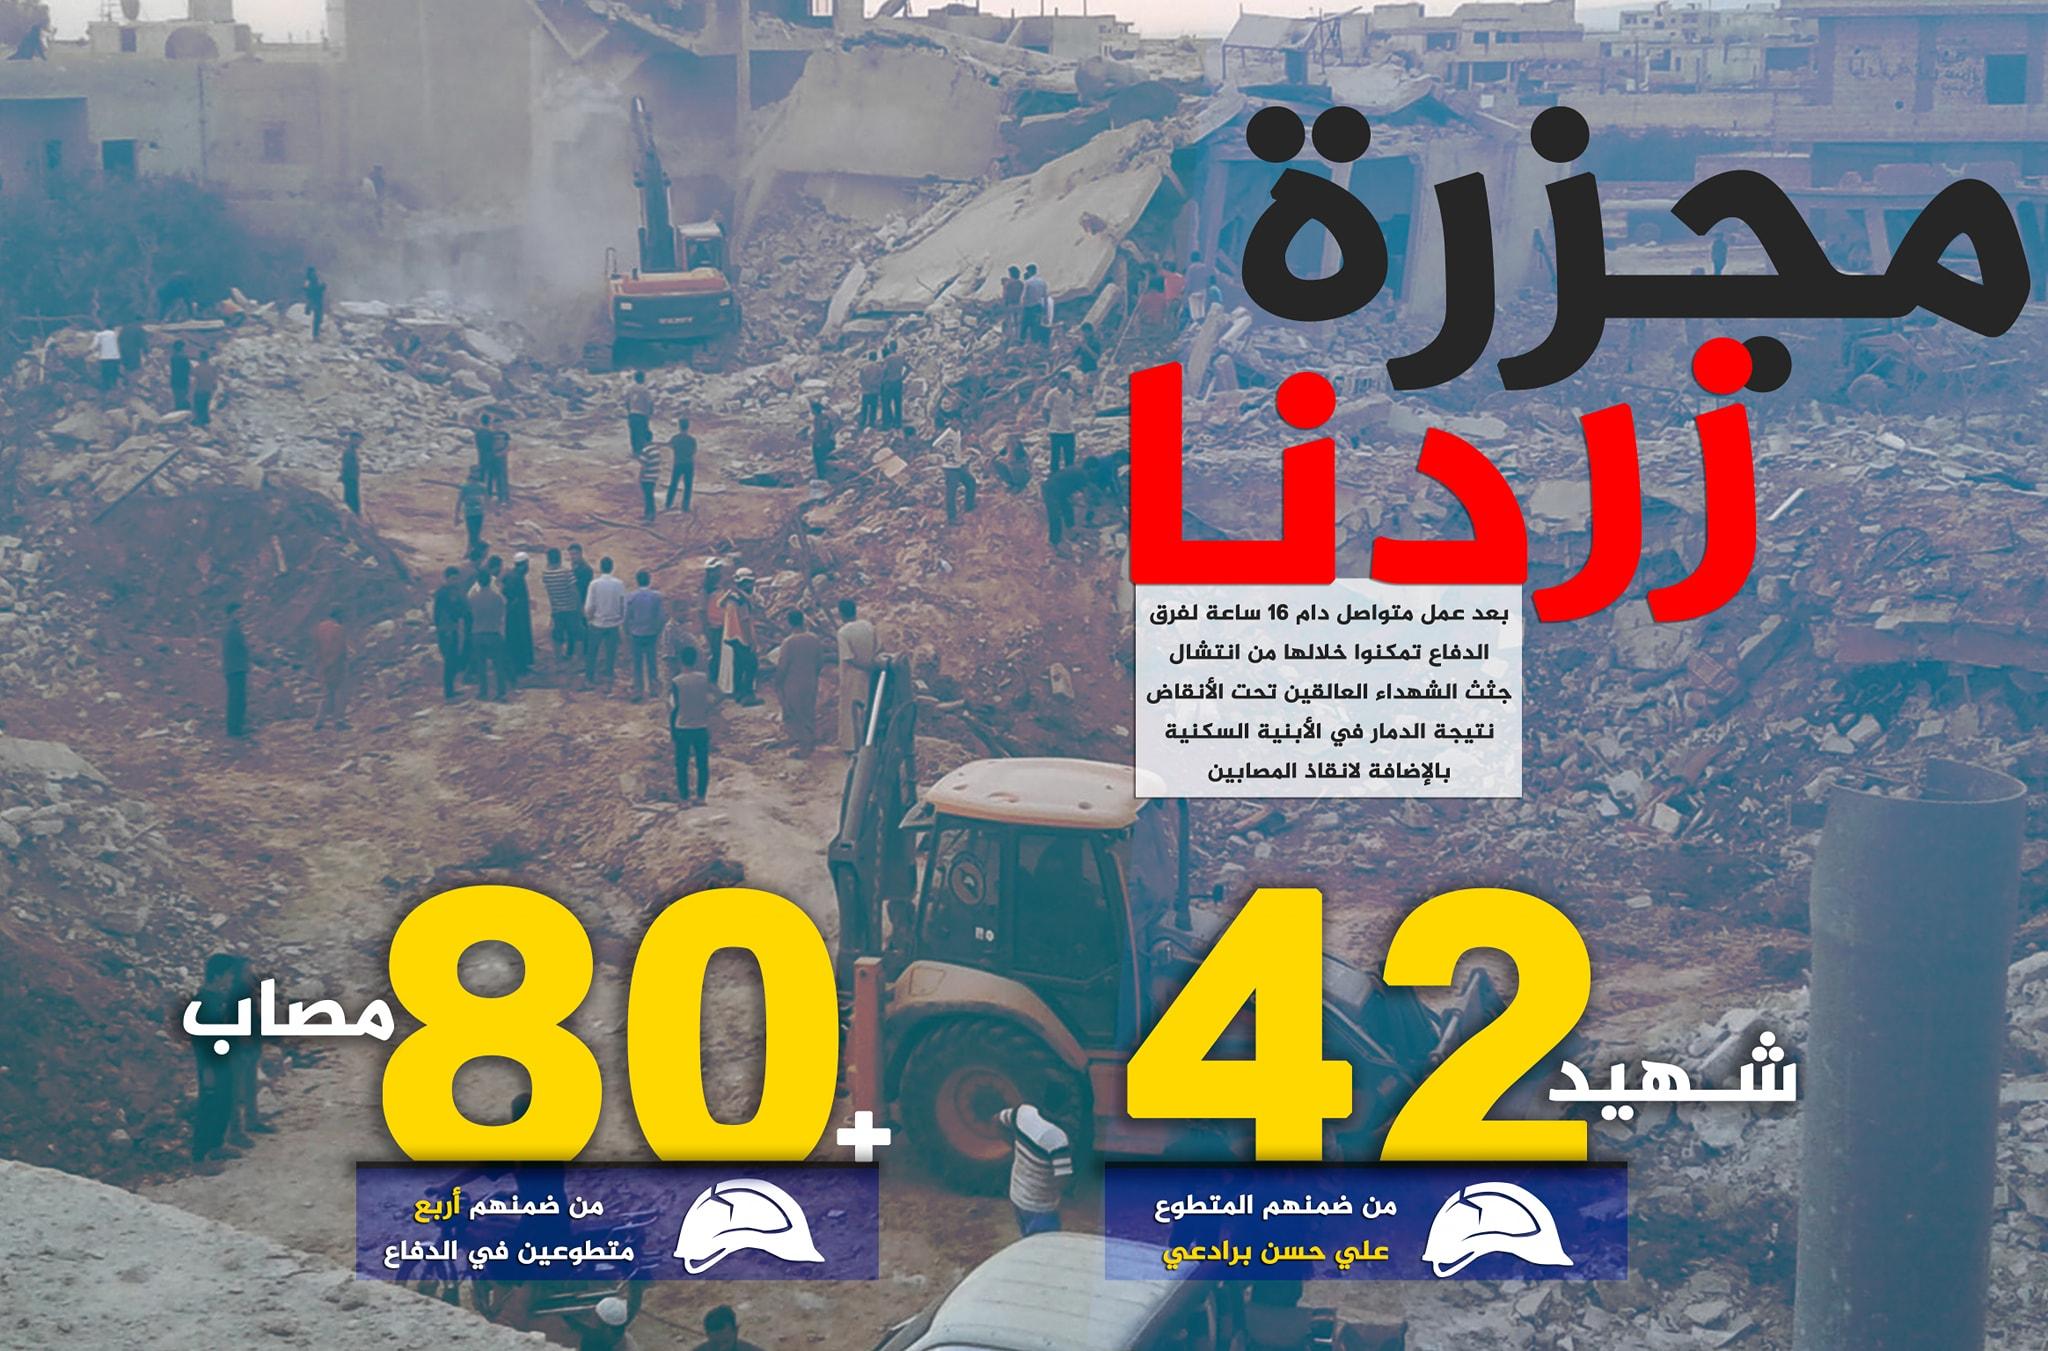 صورة بعد مجزرة إدلب..الأمم المتحدة تطالب بسلامة المدنيين